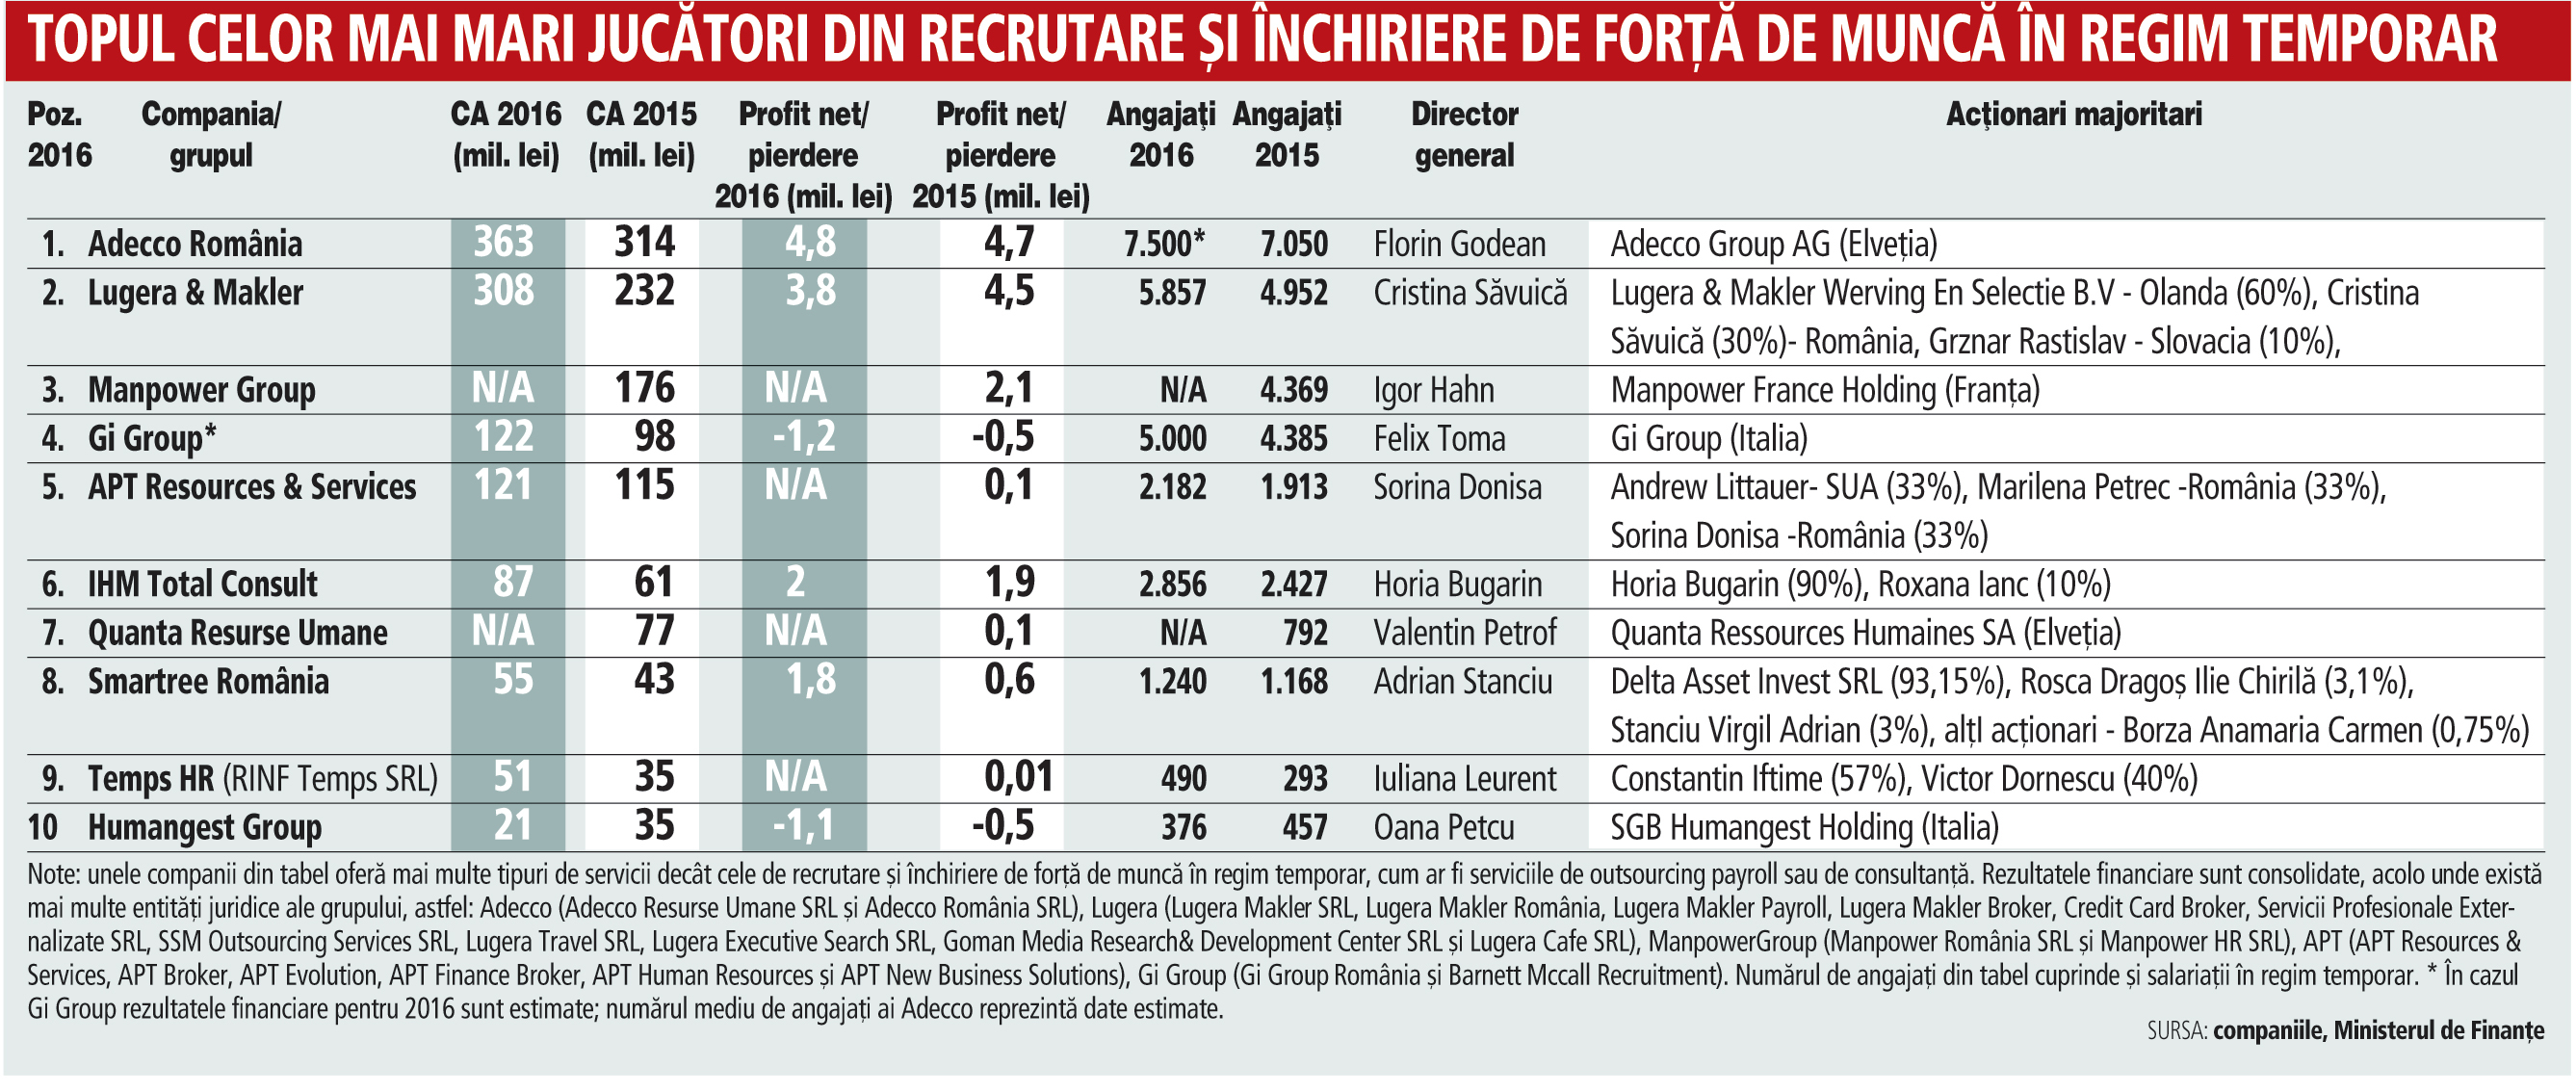 ZF Cei mai mari jucători din economie în 2016. Topul celor mai mari zece jucători din industria serviciilor de HR: afacerile marilor firme de recrutare au ajuns la 1,4 mld. lei